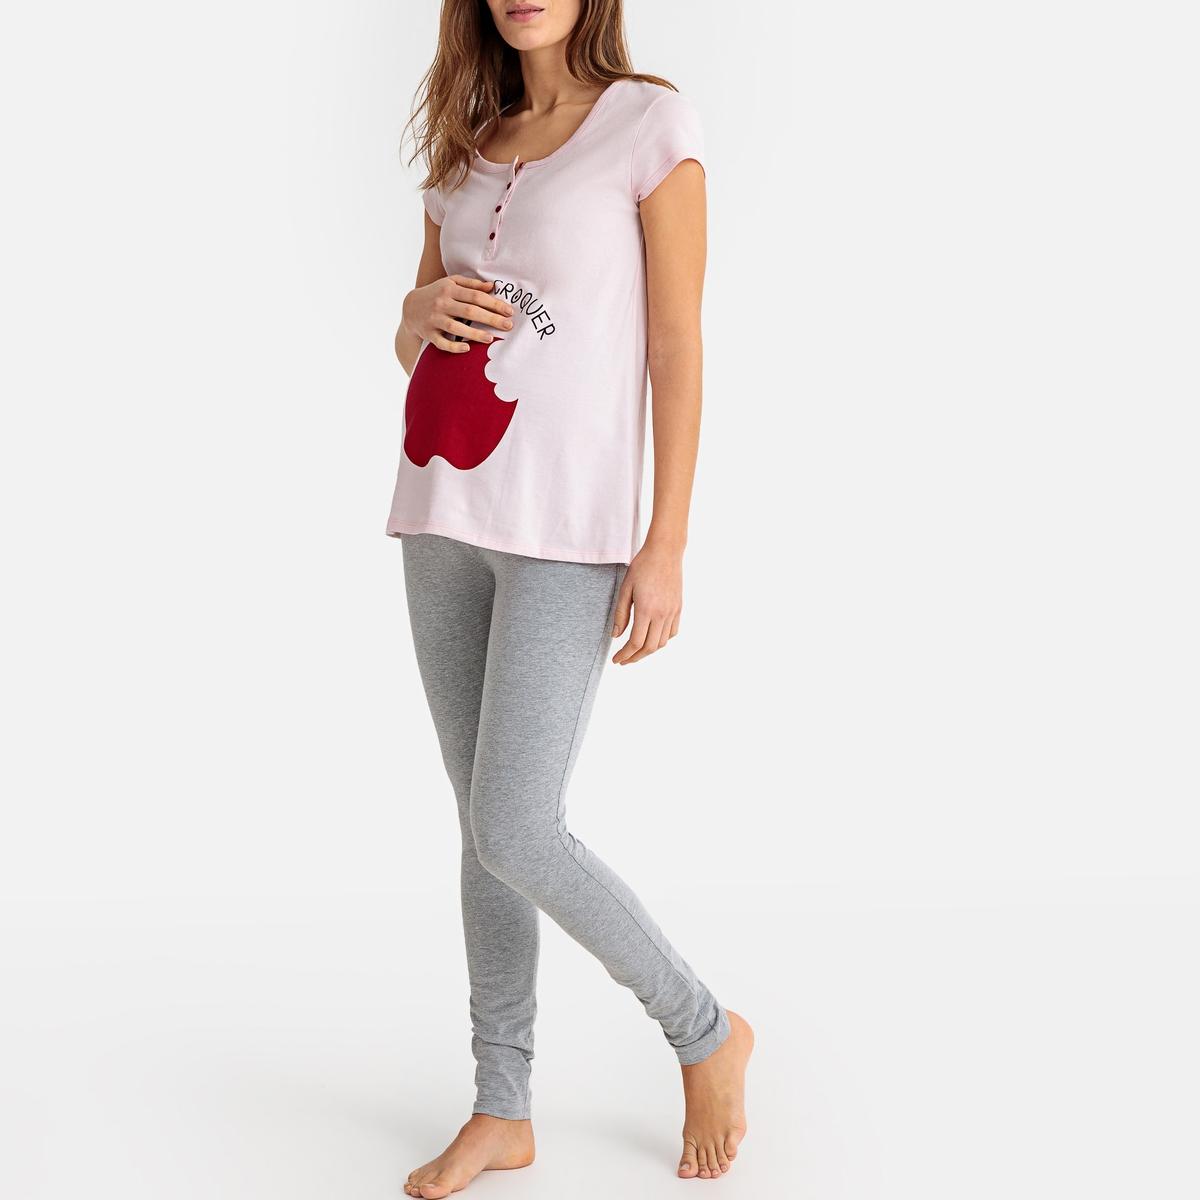 Pijama para grávida, t-shirt e leggings